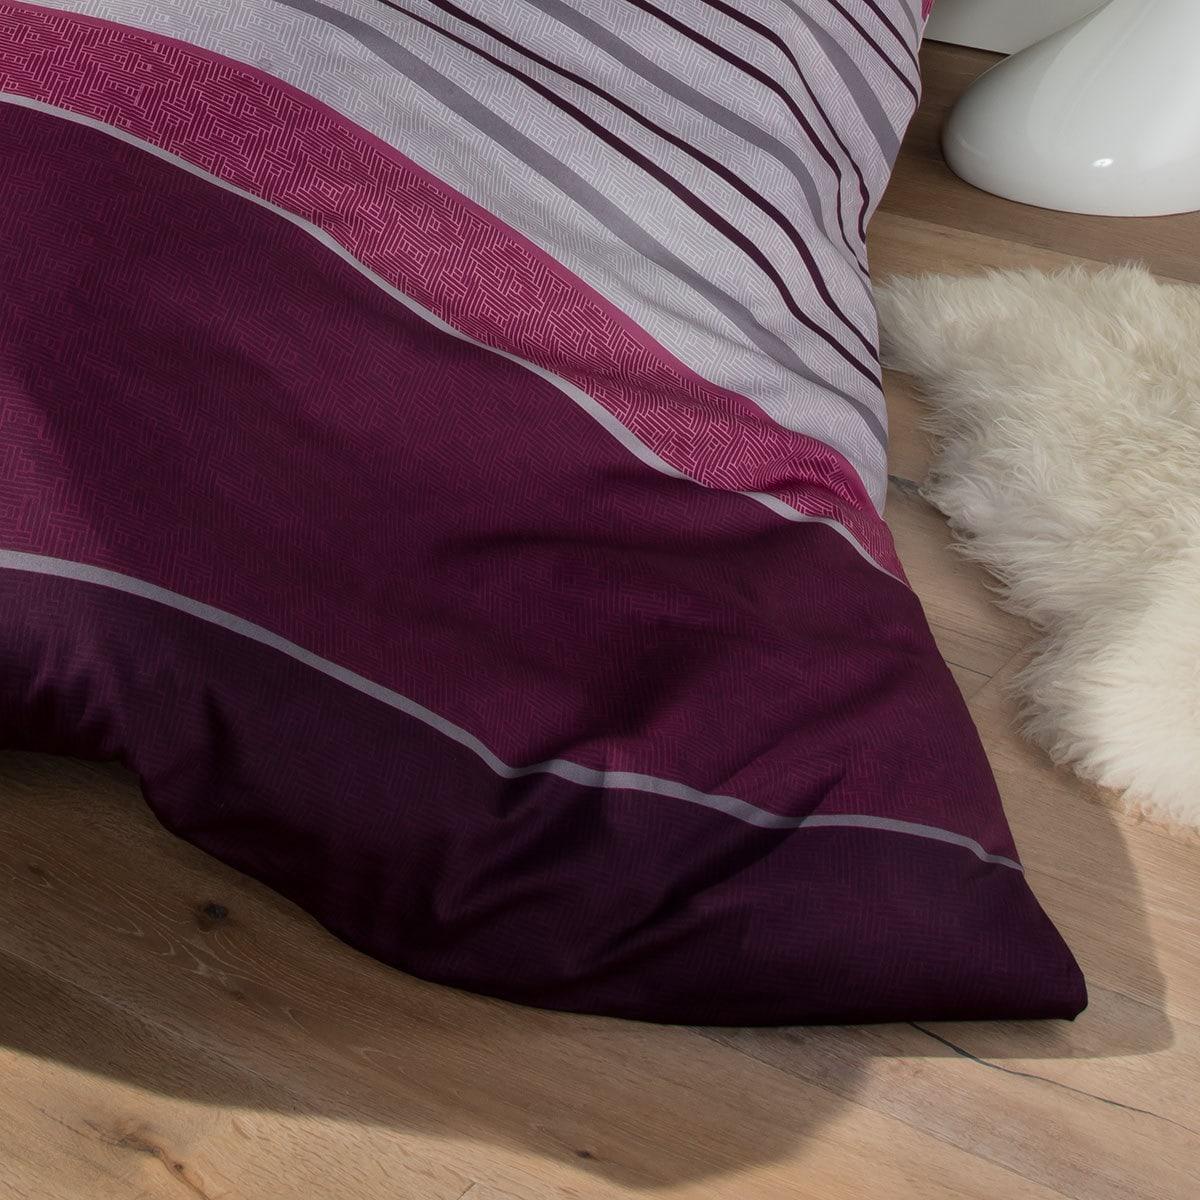 s oliver feinflanell bettw sche z rich weinrot g nstig online kaufen bei bettwaren shop. Black Bedroom Furniture Sets. Home Design Ideas